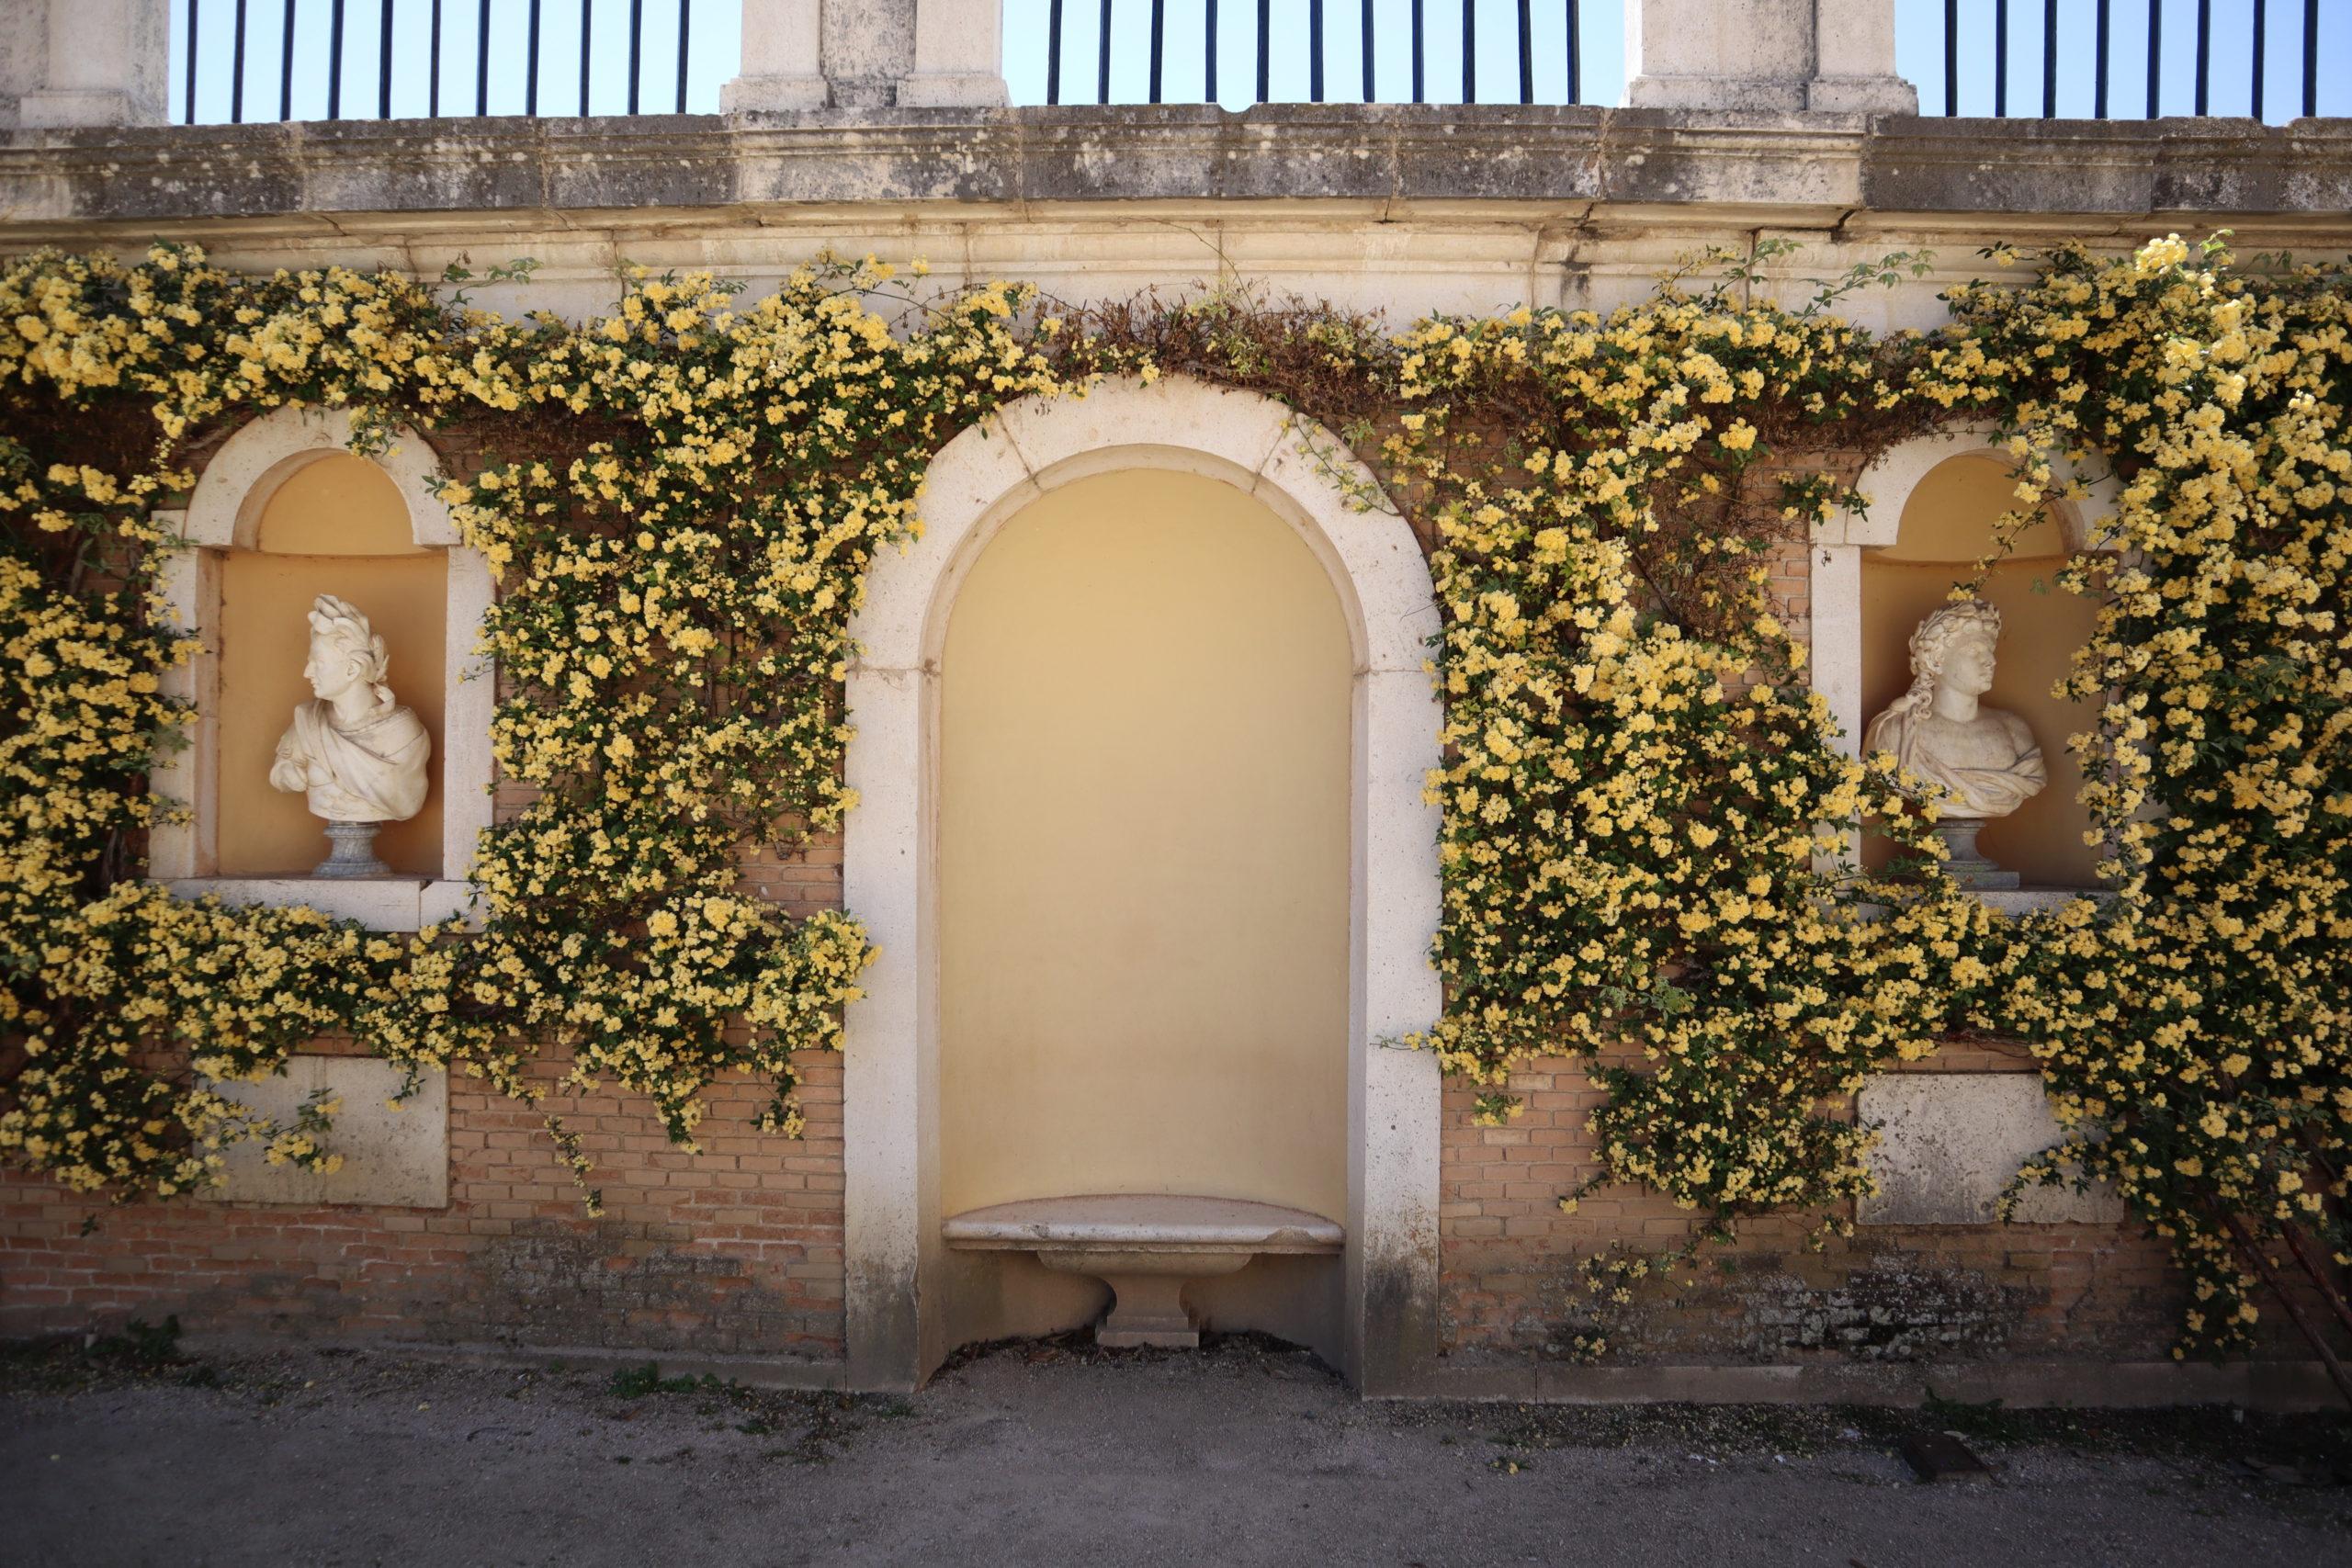 jardines-palacio-real-aranjuez